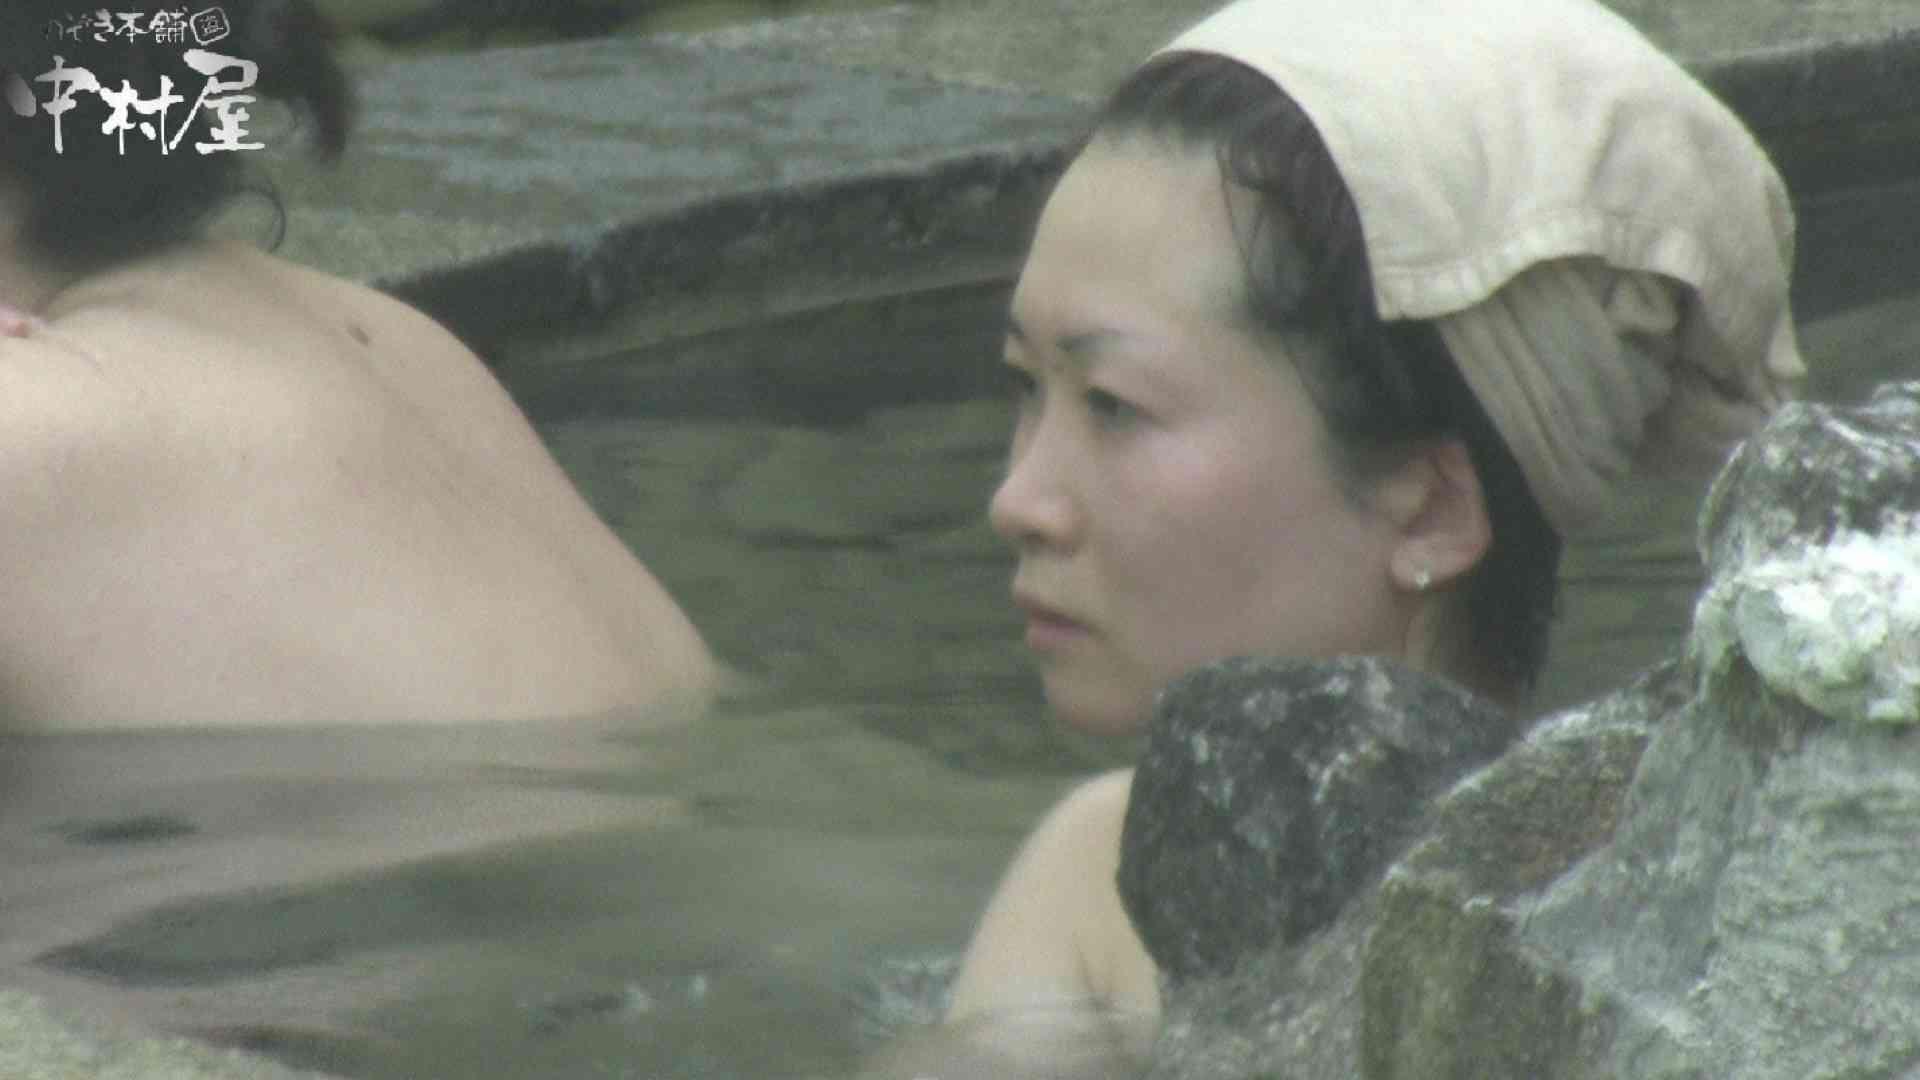 Aquaな露天風呂Vol.906 露天風呂 | 盗撮動画  11枚 9